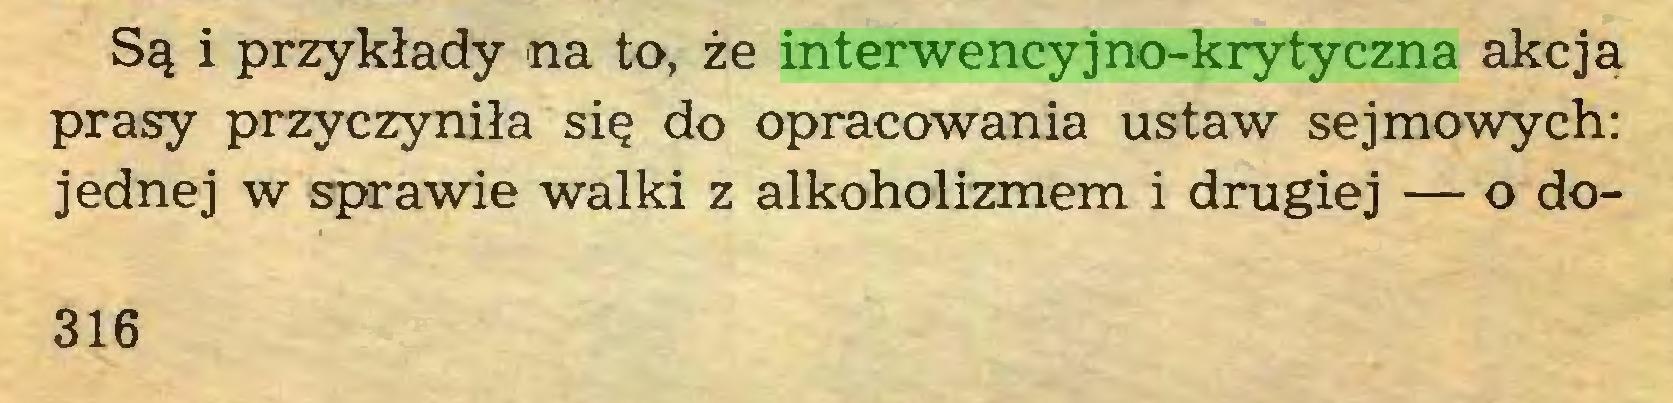 (...) Są i przykłady na to, że interwencyjno-krytyczna akcja prasy przyczyniła się do opracowania ustaw sejmowych: jednej w sprawie walki z alkoholizmem i drugiej — o do316...